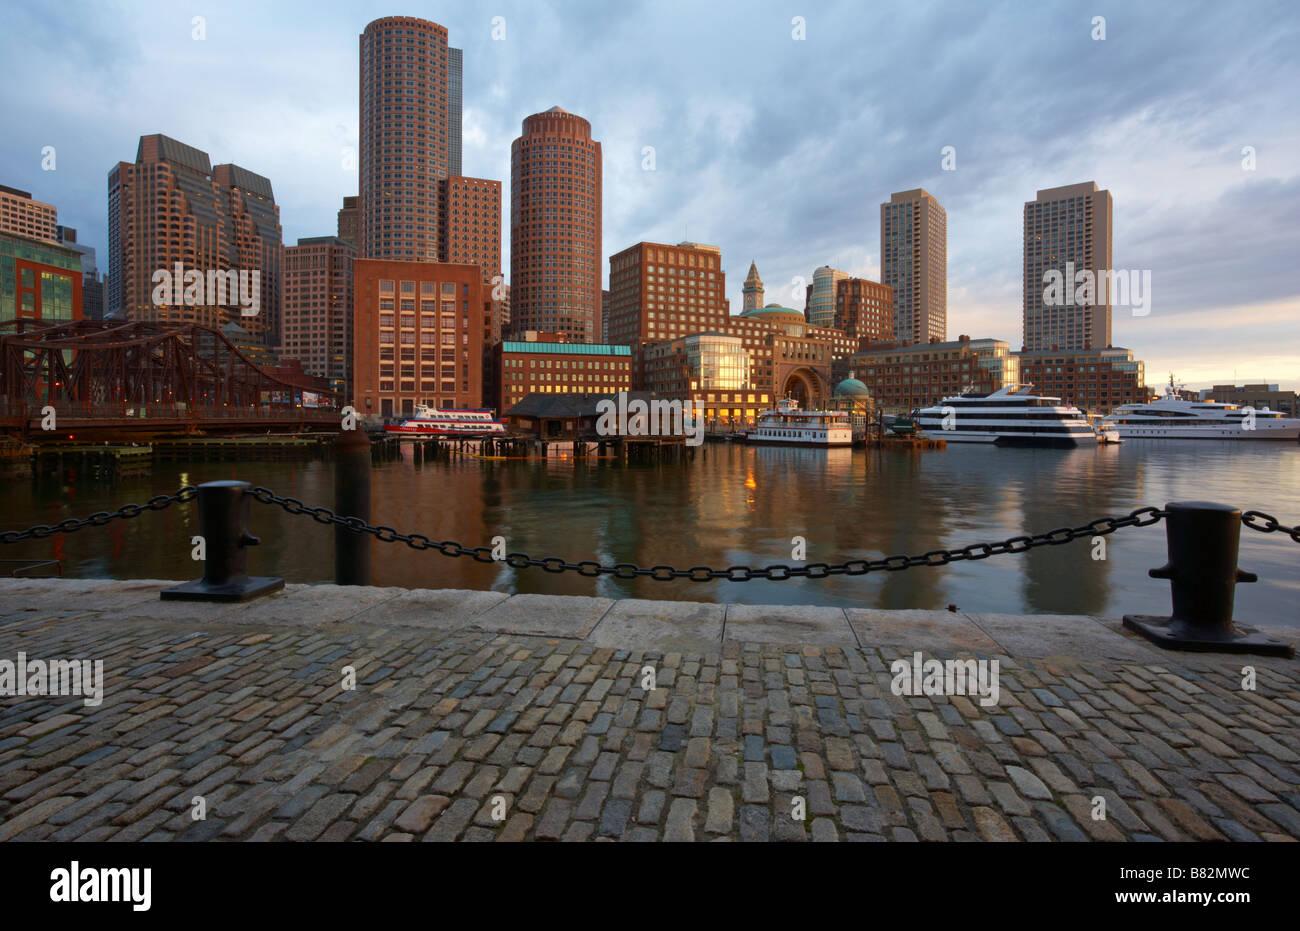 Una vista de la ciudad de Boston. Imagen De Stock